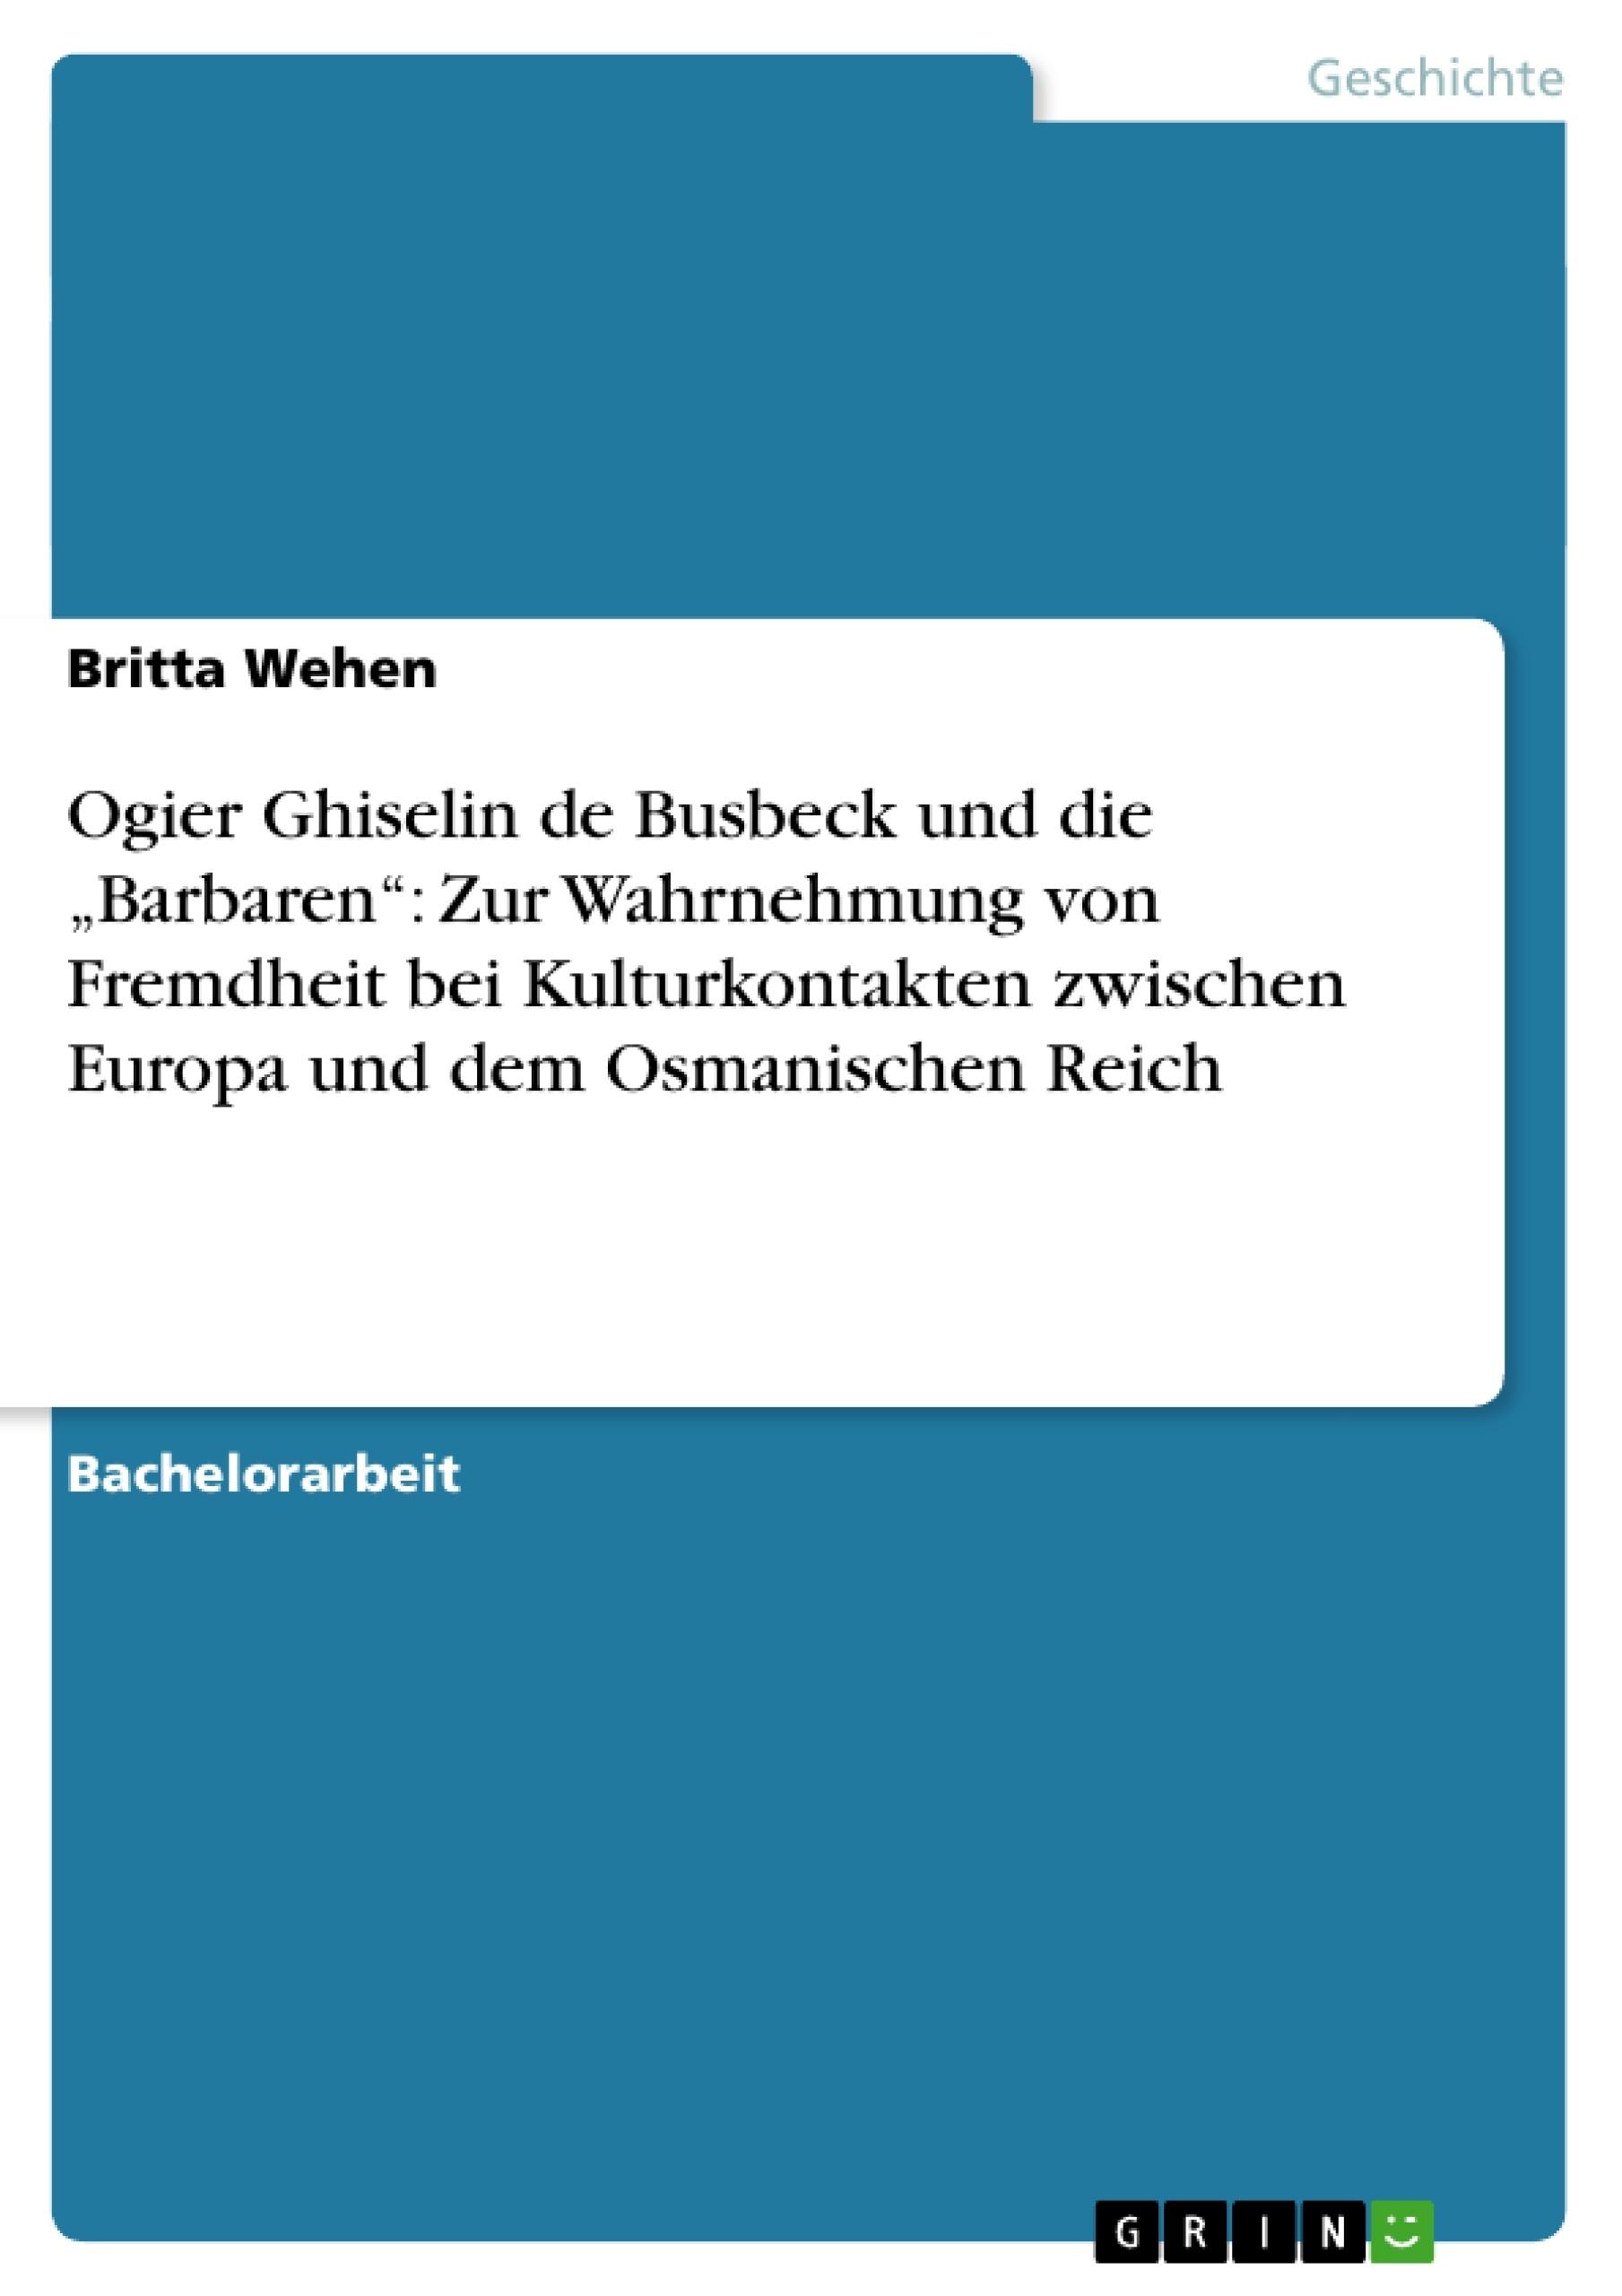 """Titel: Ogier Ghiselin de Busbeck und die """"Barbaren"""": Zur Wahrnehmung von Fremdheit bei Kulturkontakten zwischen Europa und dem Osmanischen Reich"""